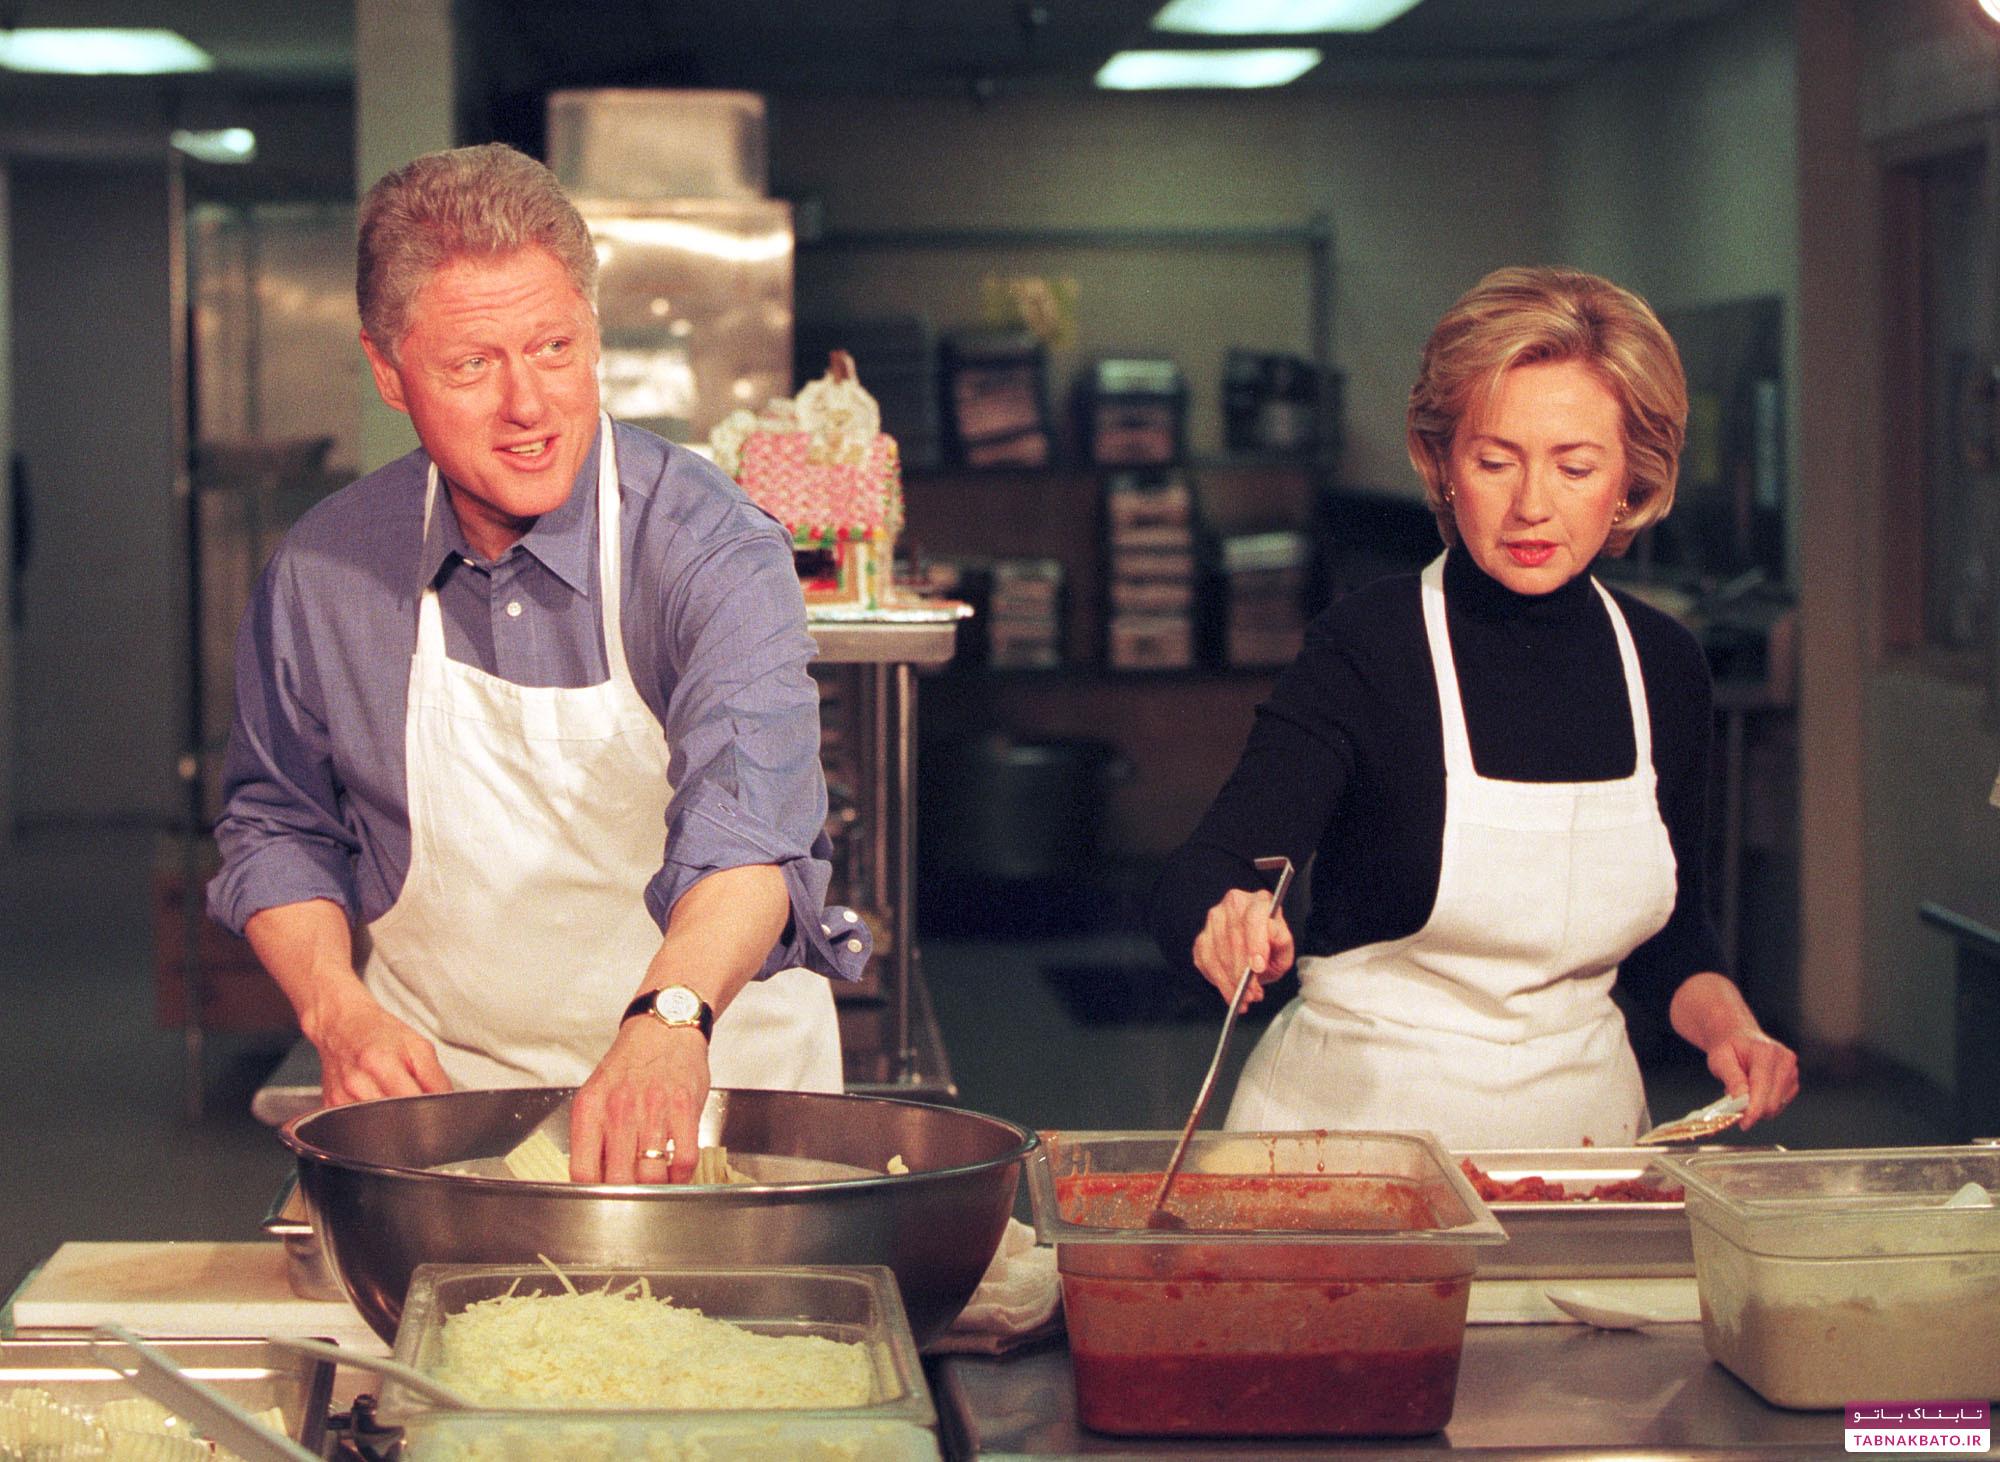 زندگی معمولی روسای جمهور امریکا پس از پایان ریاست؟